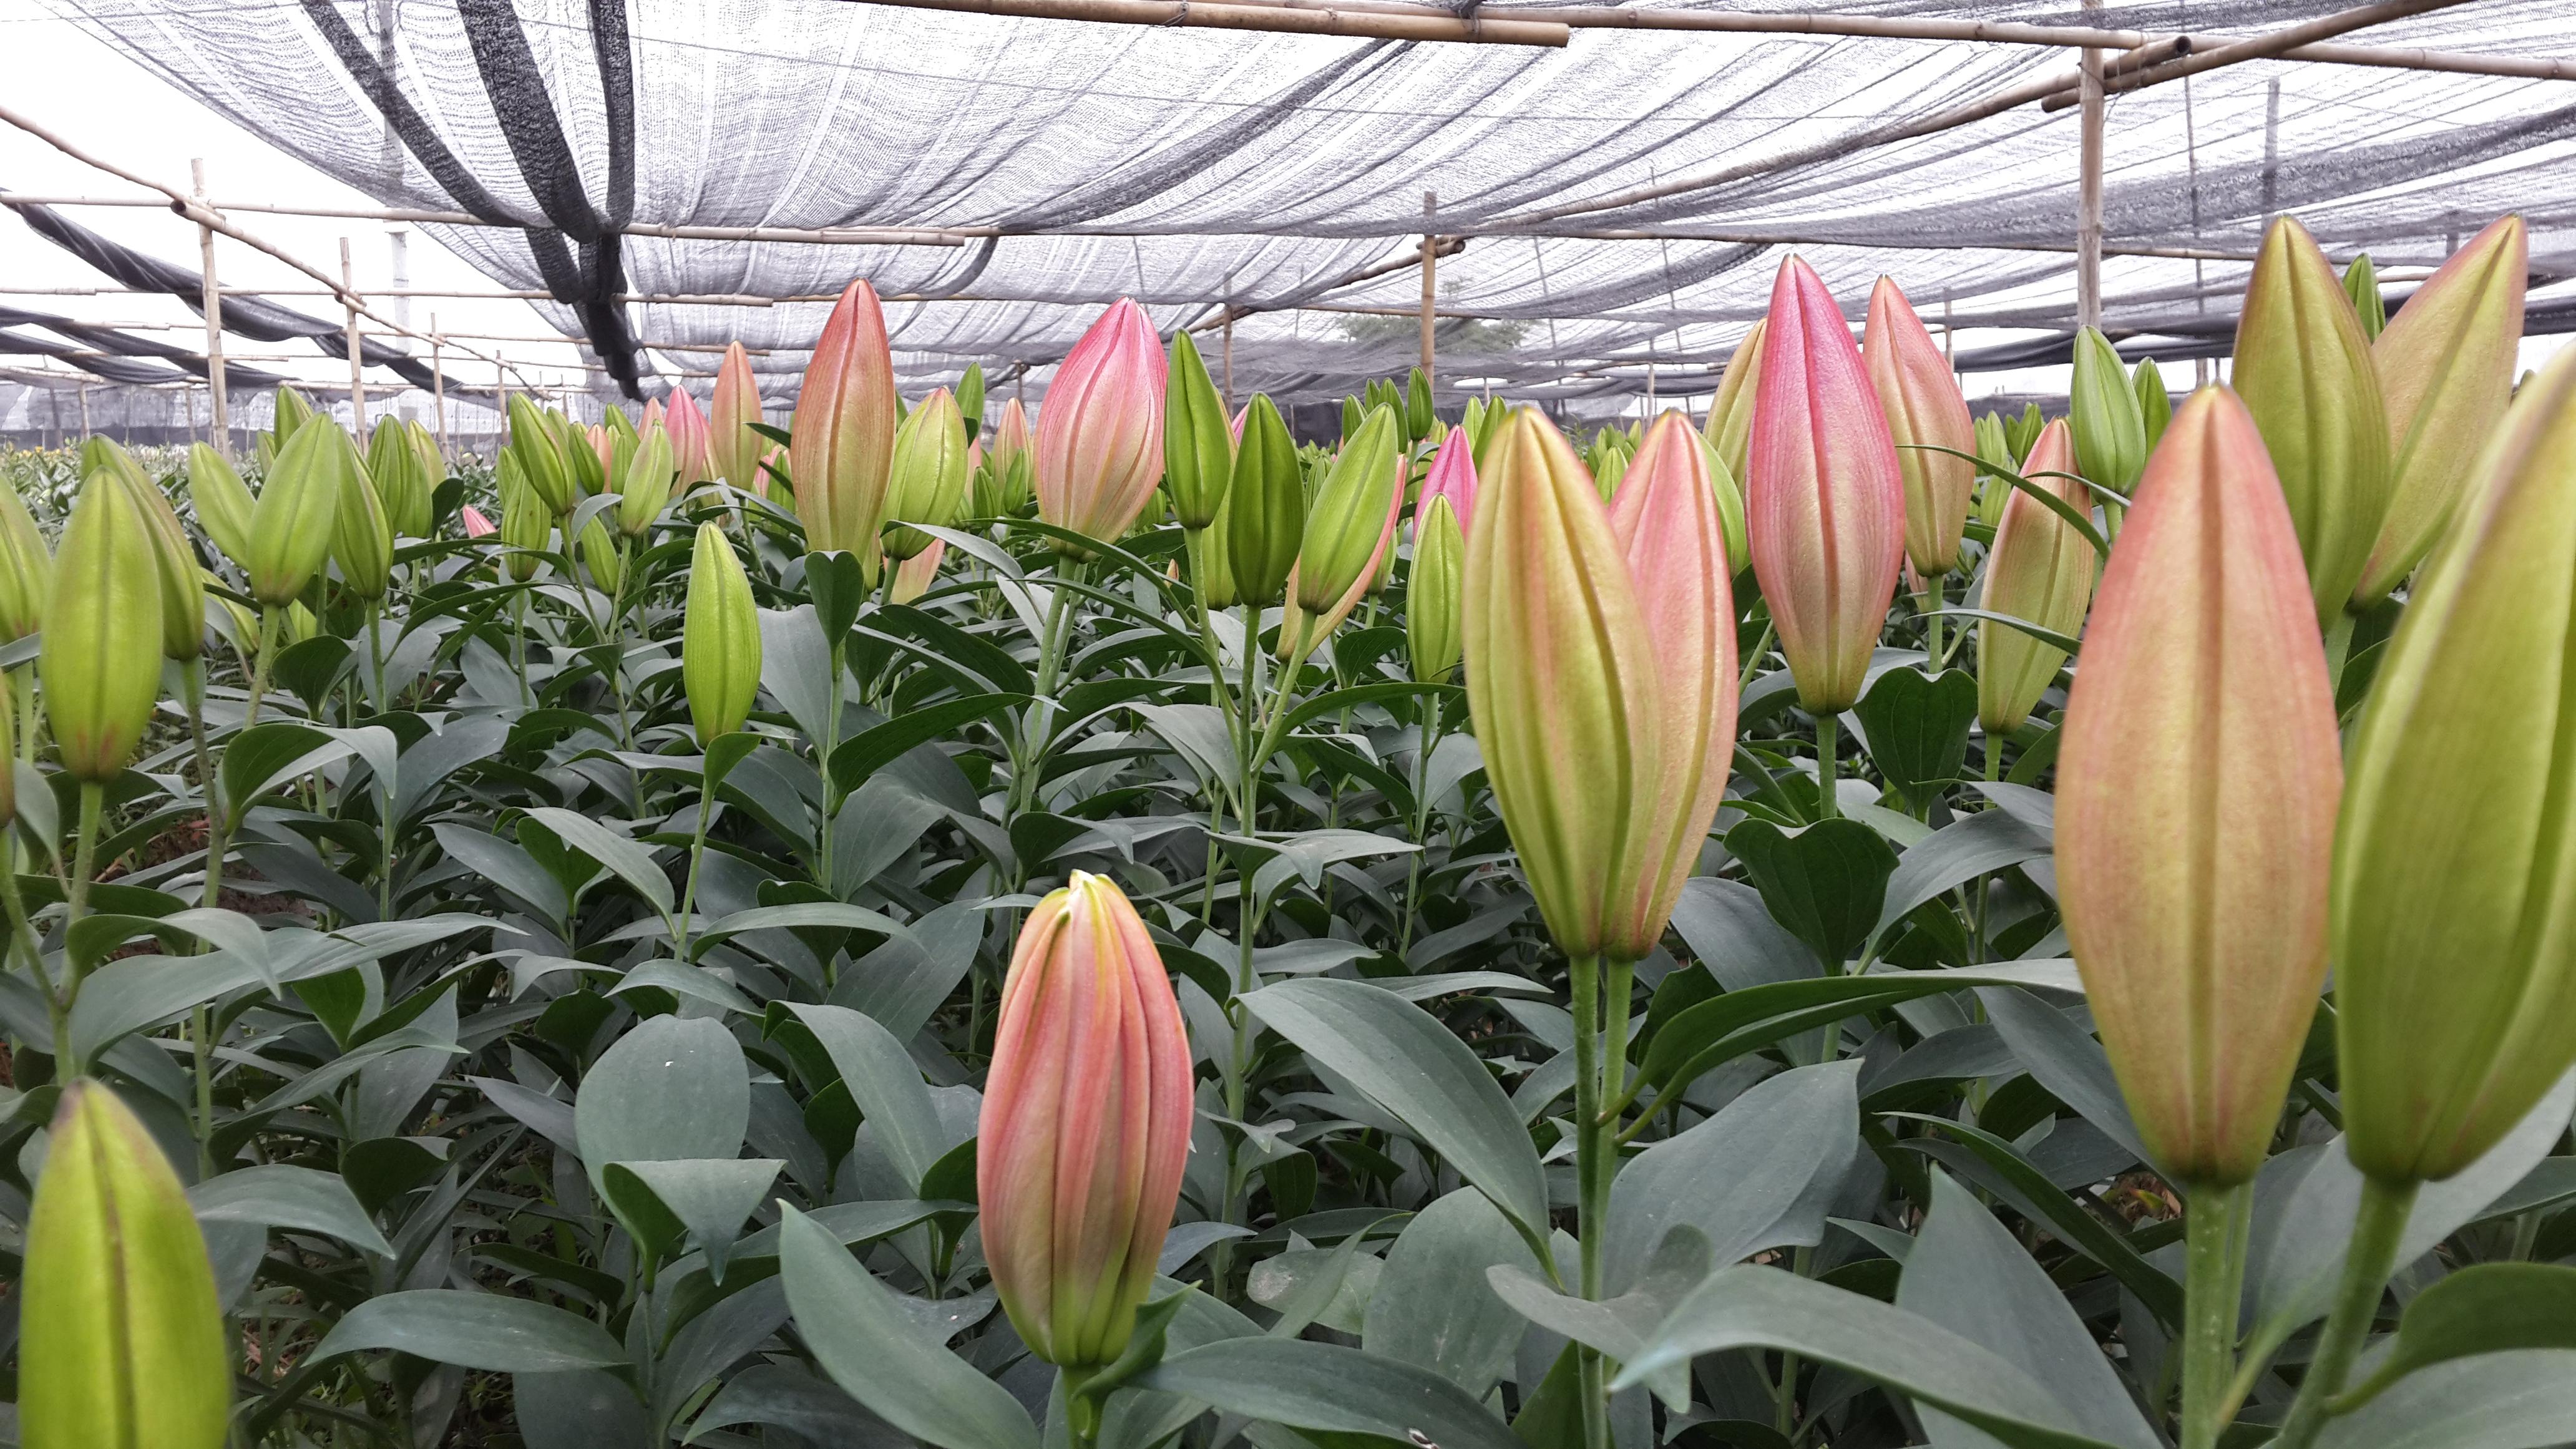 Cách giữ hoa ly tươi lâu là nên bảo quản hoa ở nhiệt độ càng thấp càng tốt